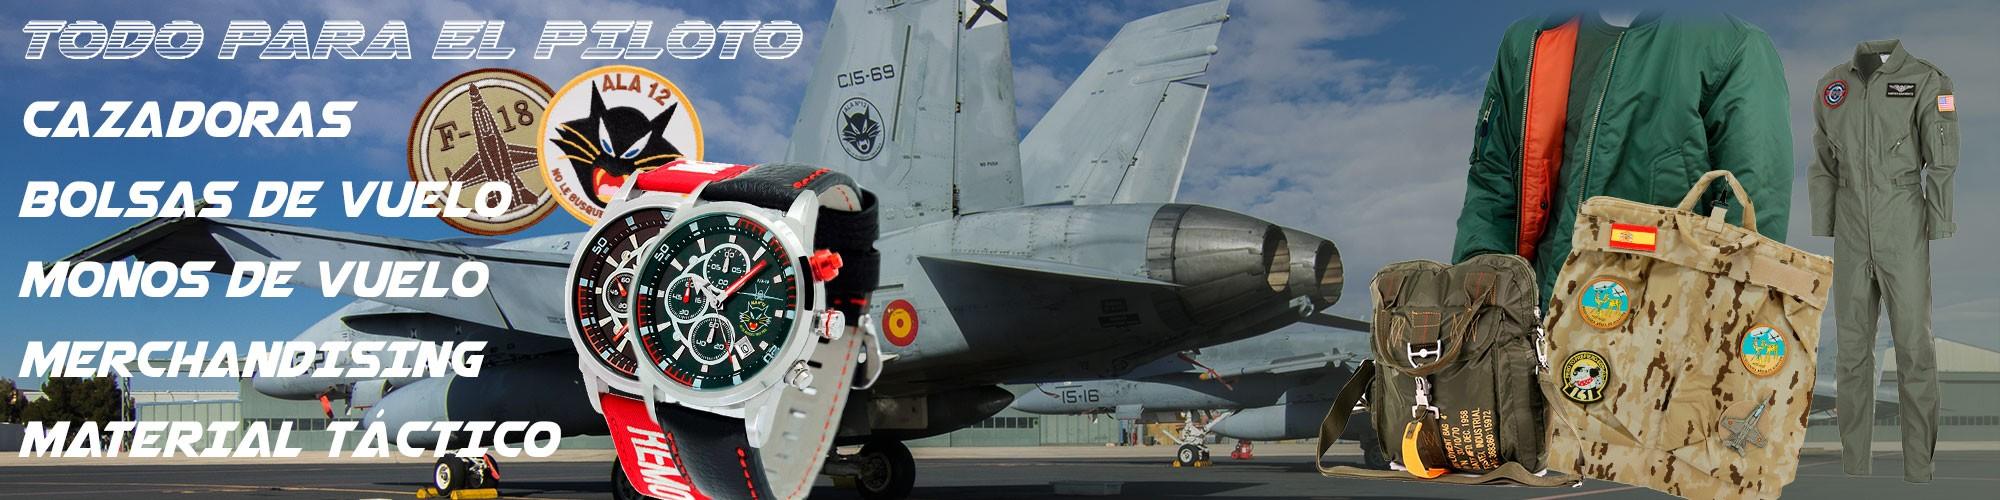 piloto avión - cazadora piloto - bolsas de vuelo - monos de vuelo - material táctico - estrella militar